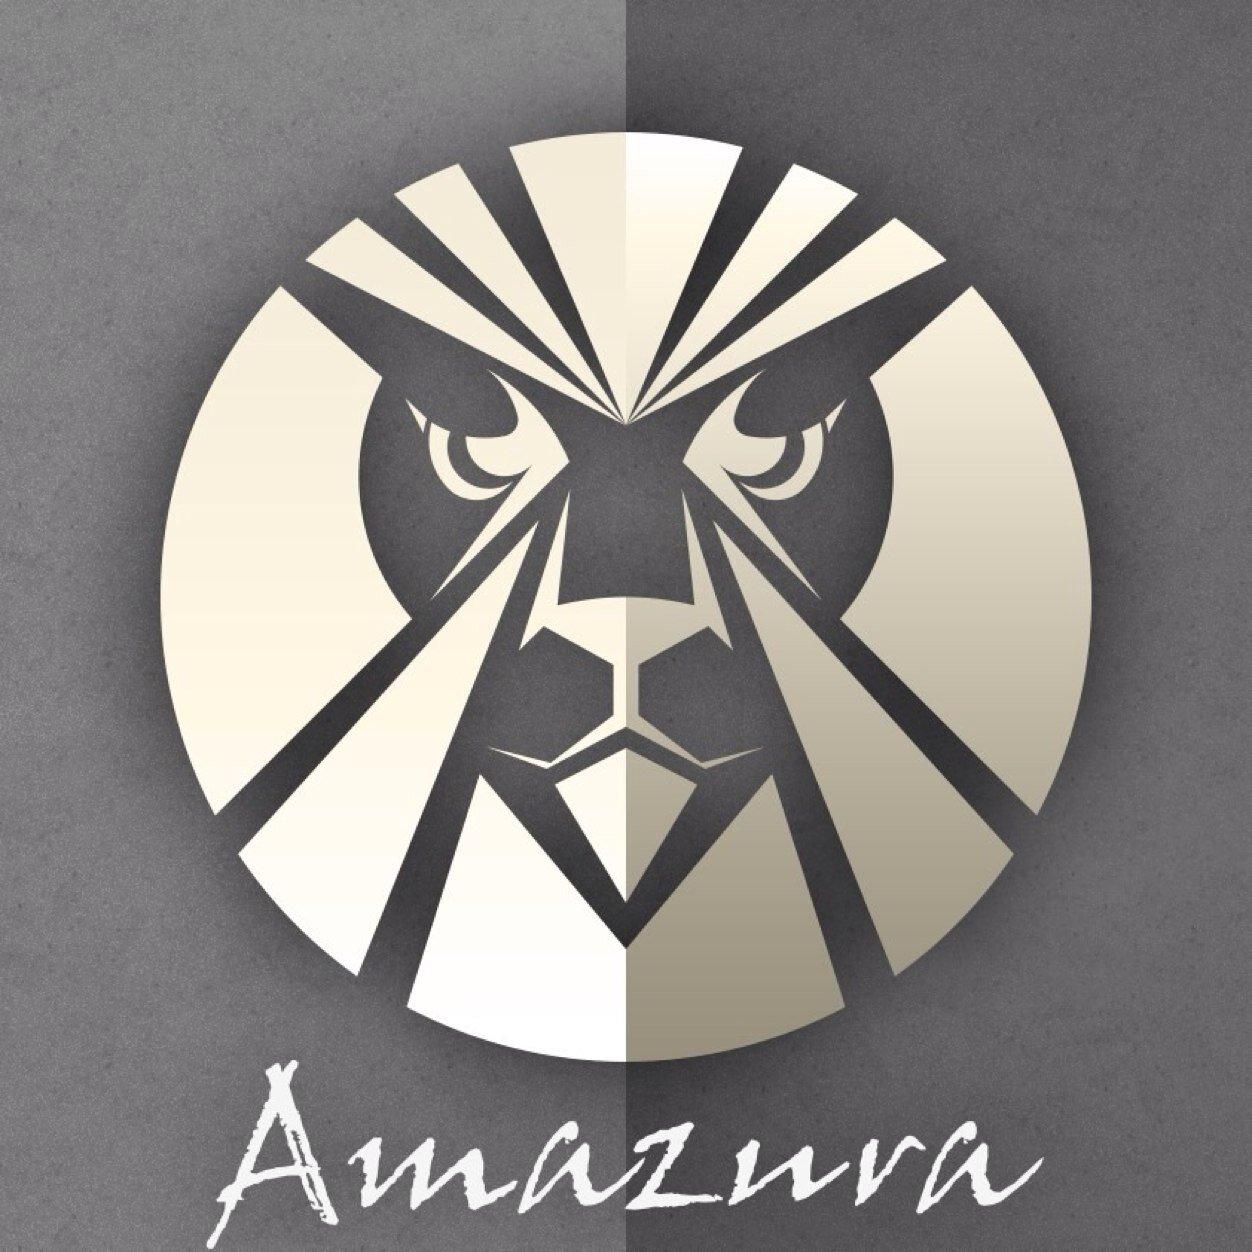 amazura logo.jpeg